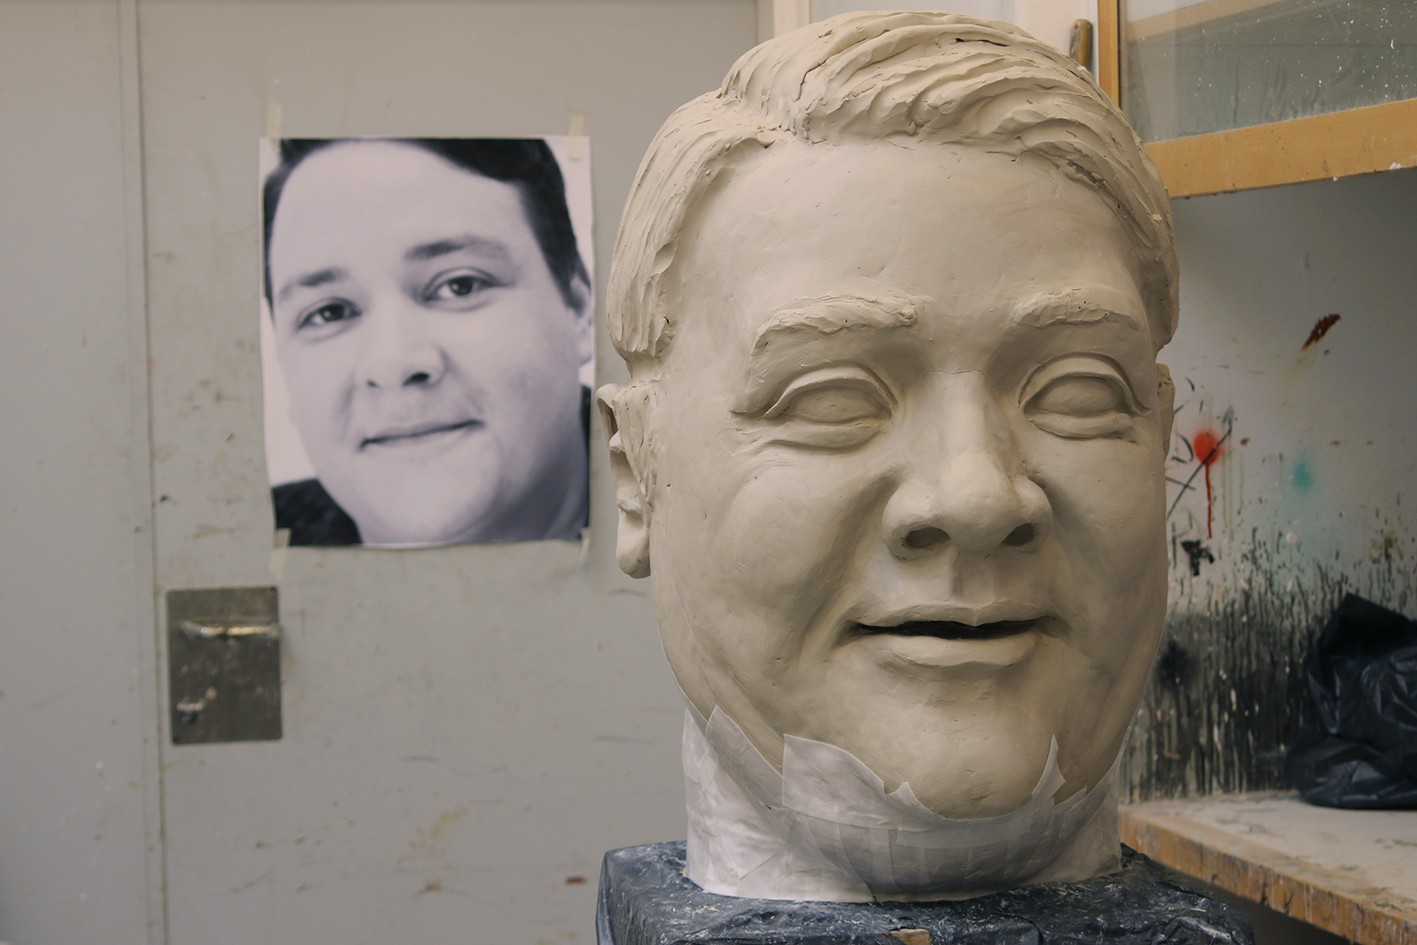 Et stort hode blir modellert og støpt. Et forstørret fotografi av skuespilleren finnes i bakgrunnen